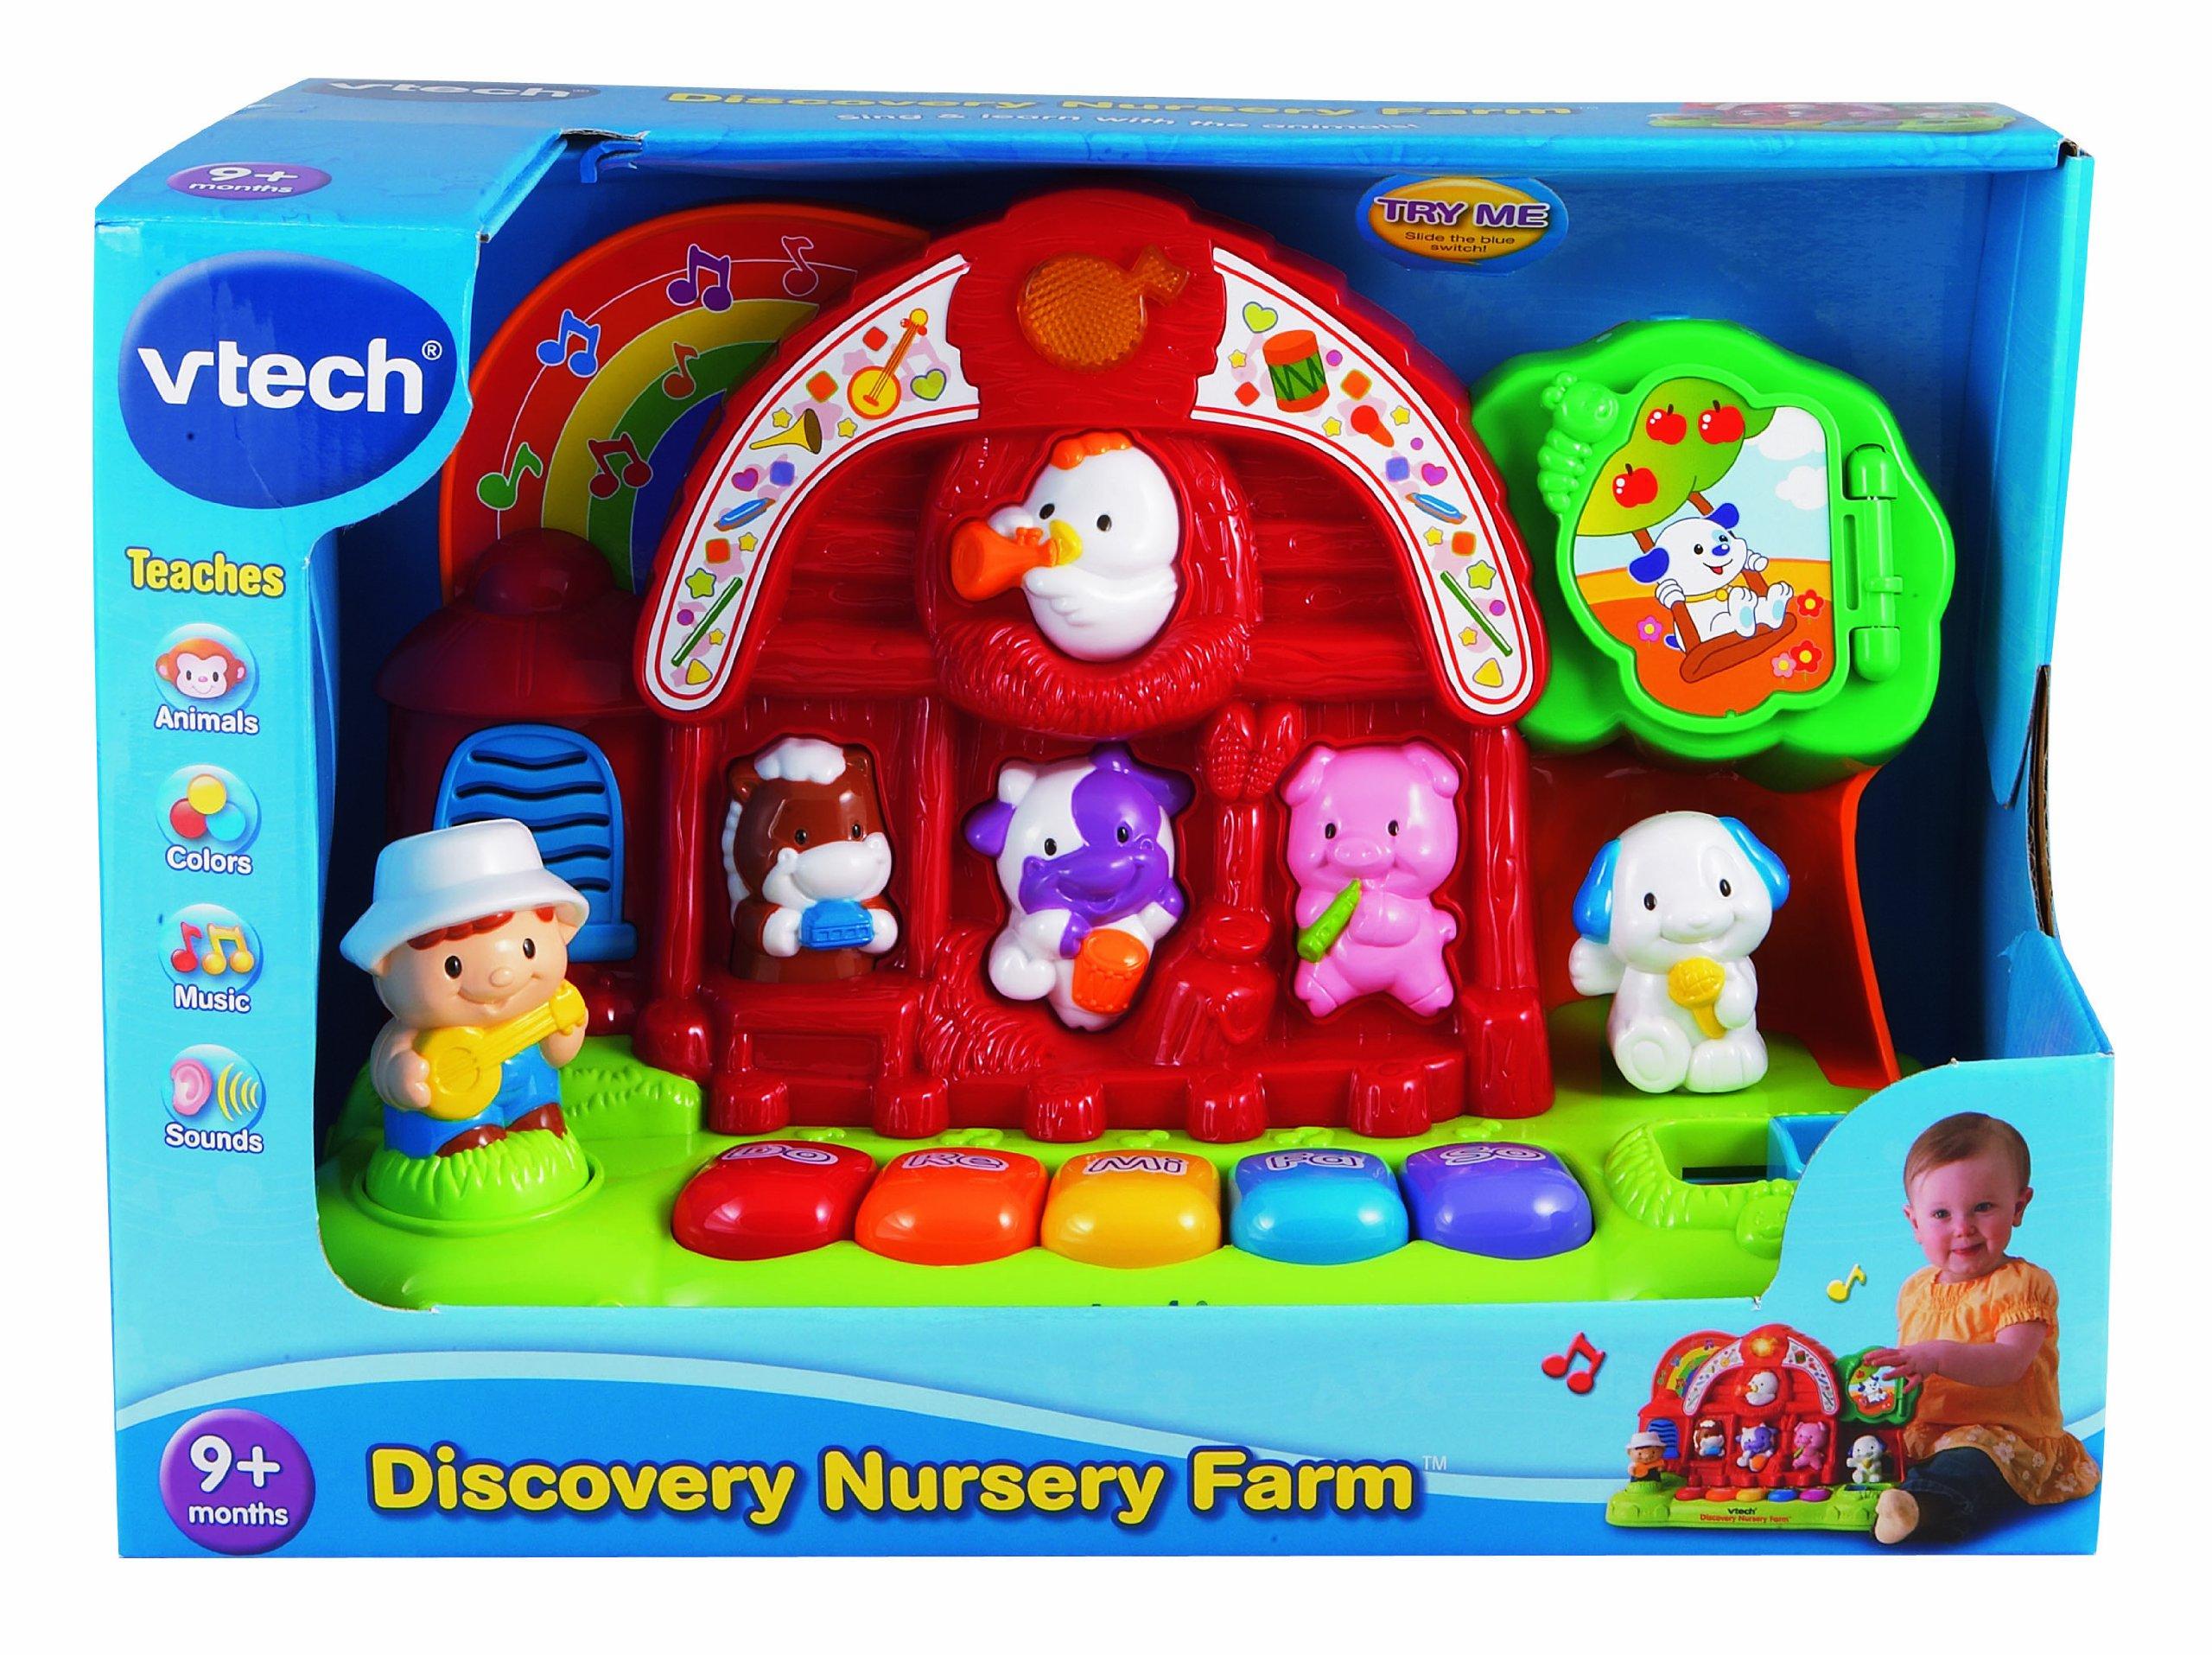 VTech - Discovery Nursery Farm